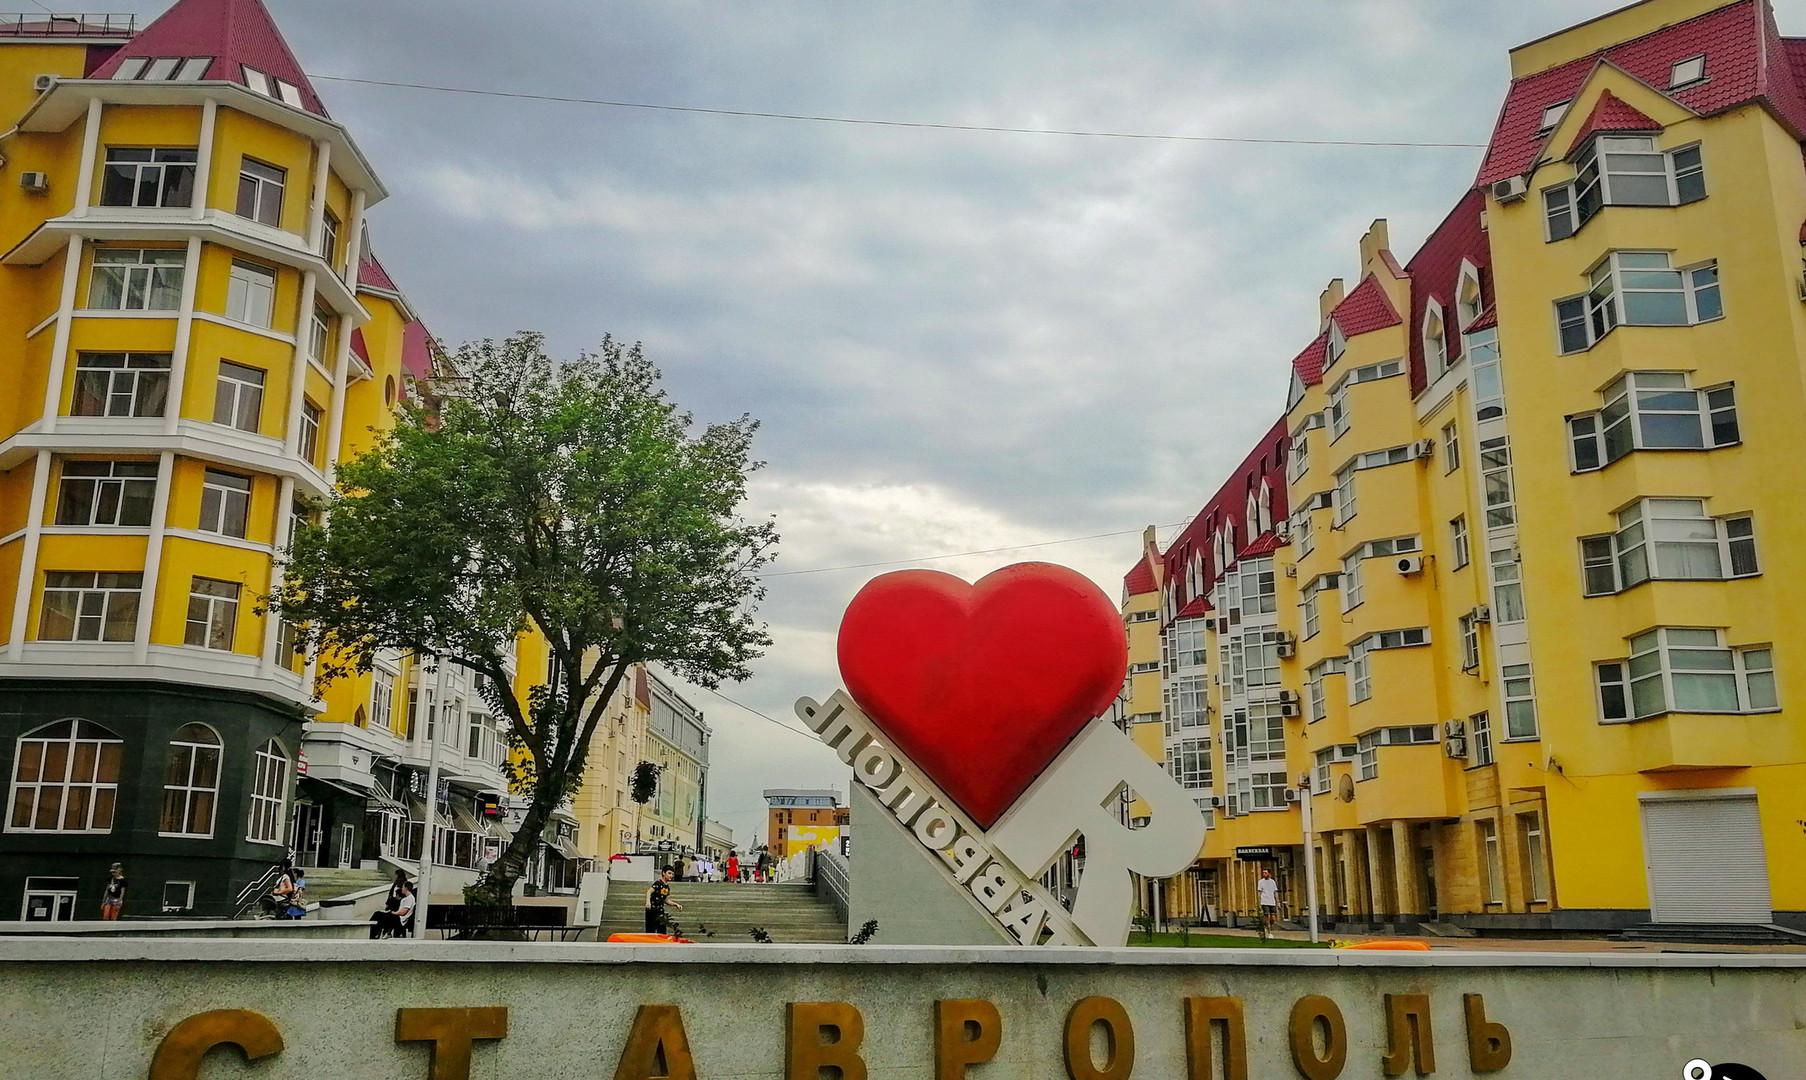 Центр города Ставрополь